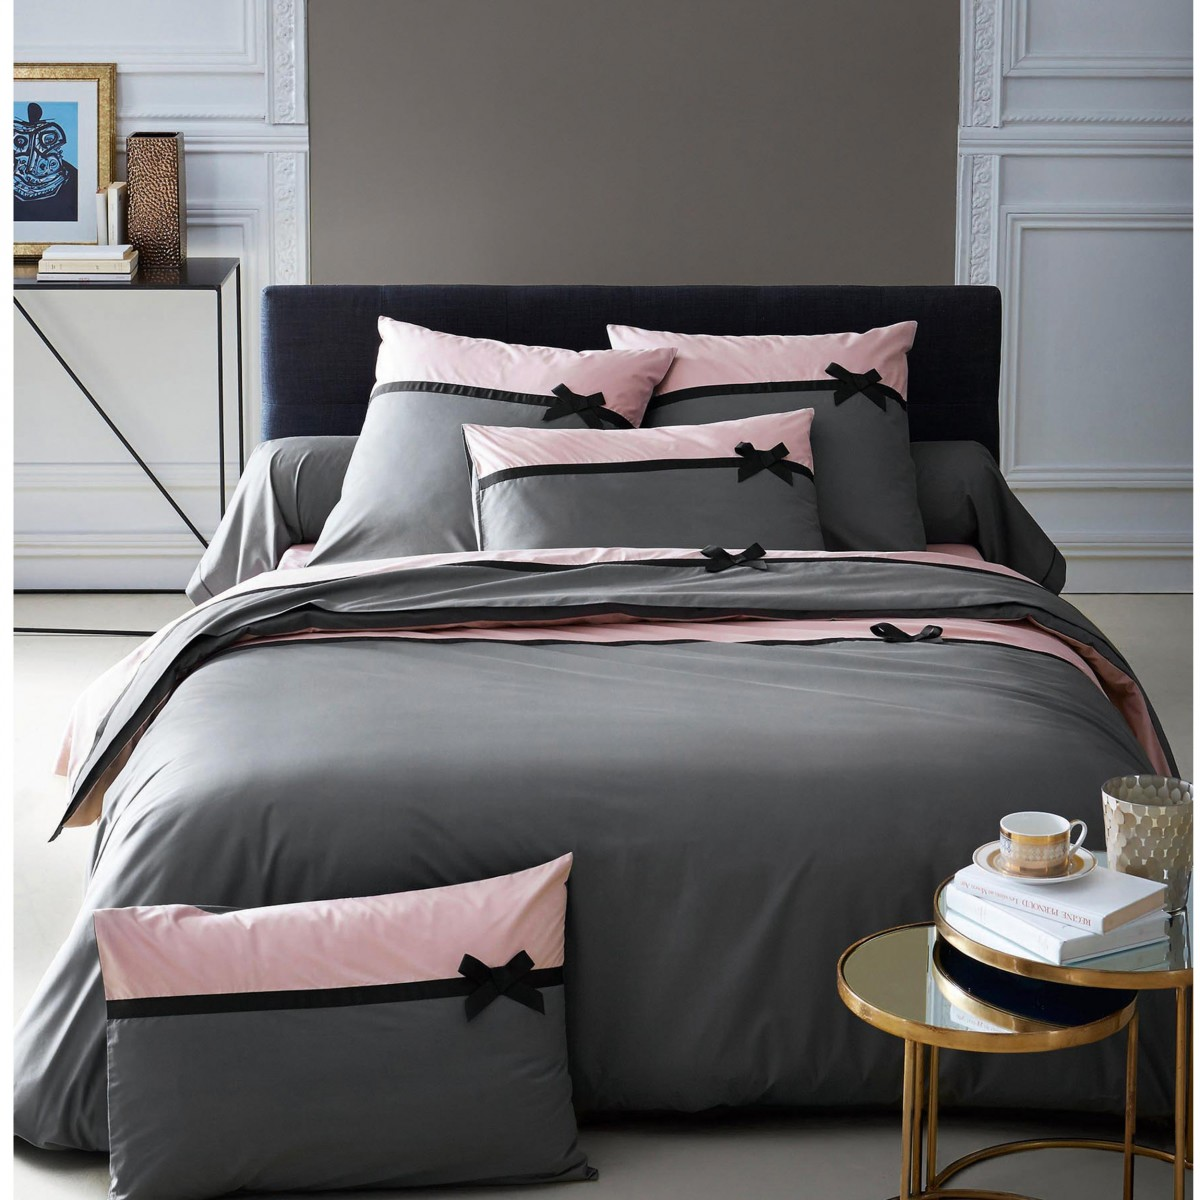 tradilinge soldes parure de lit malice 260x240. Black Bedroom Furniture Sets. Home Design Ideas